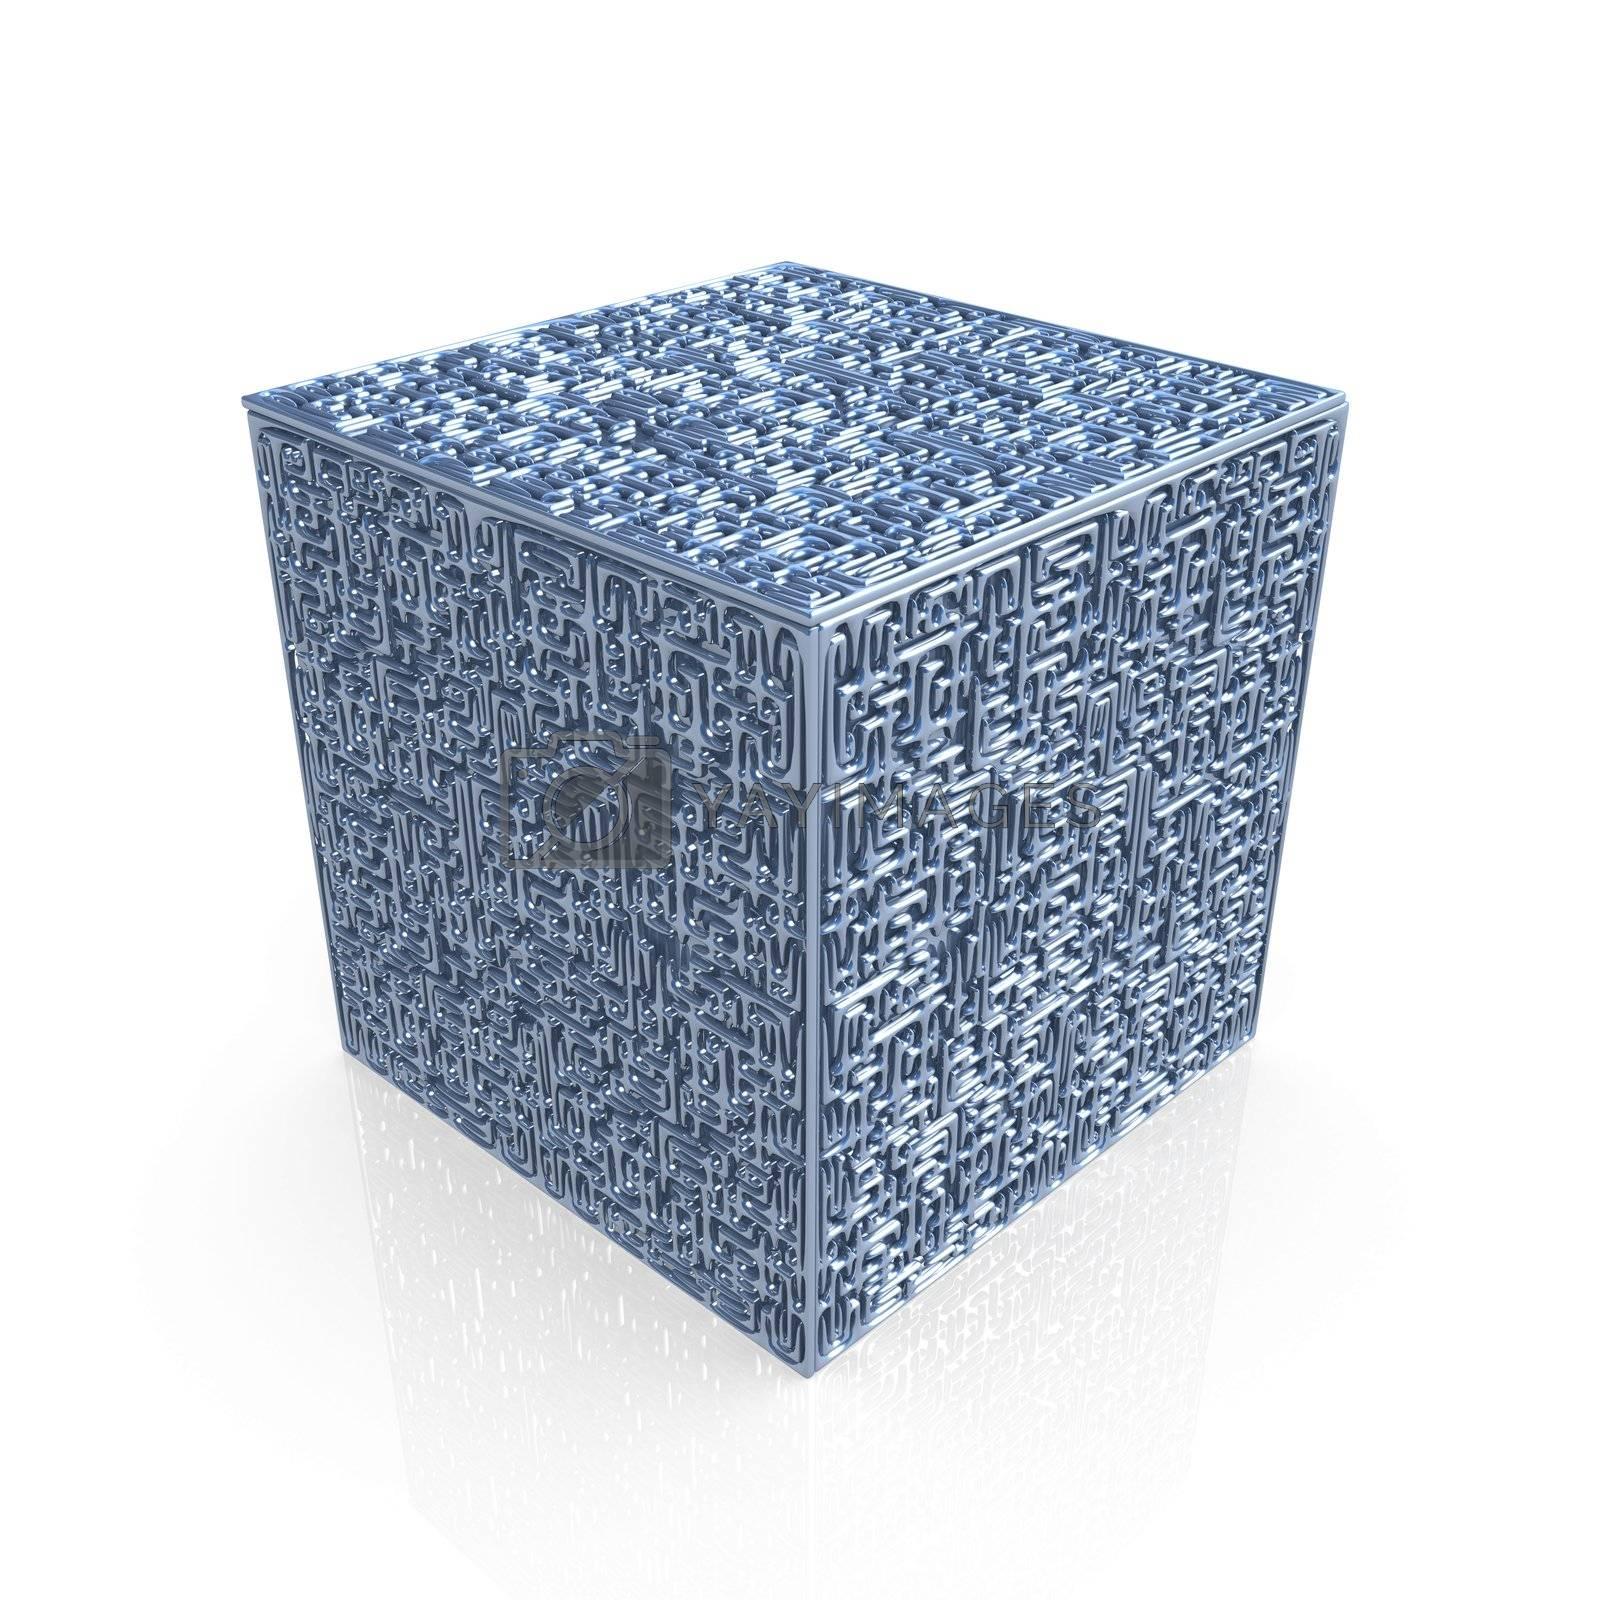 Maze Cube by 3pod